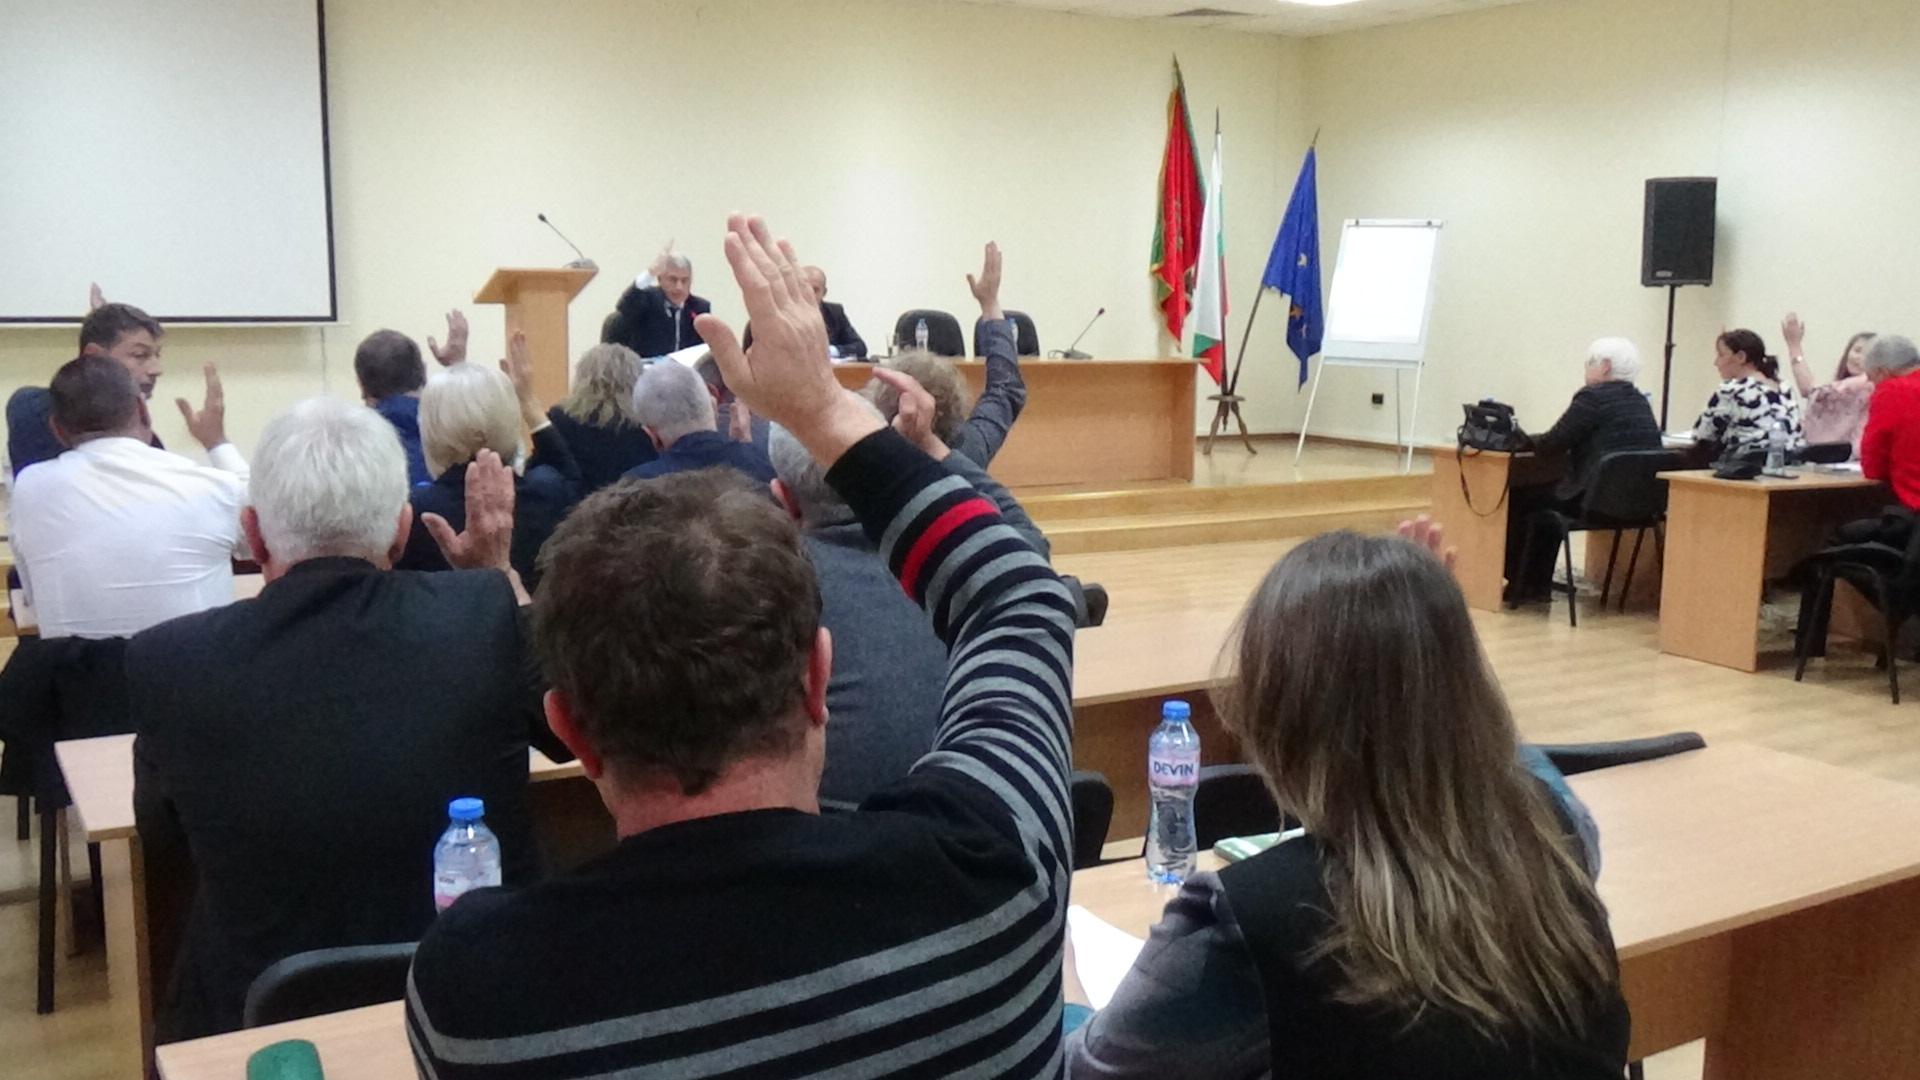 Дневен ред от 7 точки на предстоящата на 21 май сесия на Общински съвет- Панагюрище